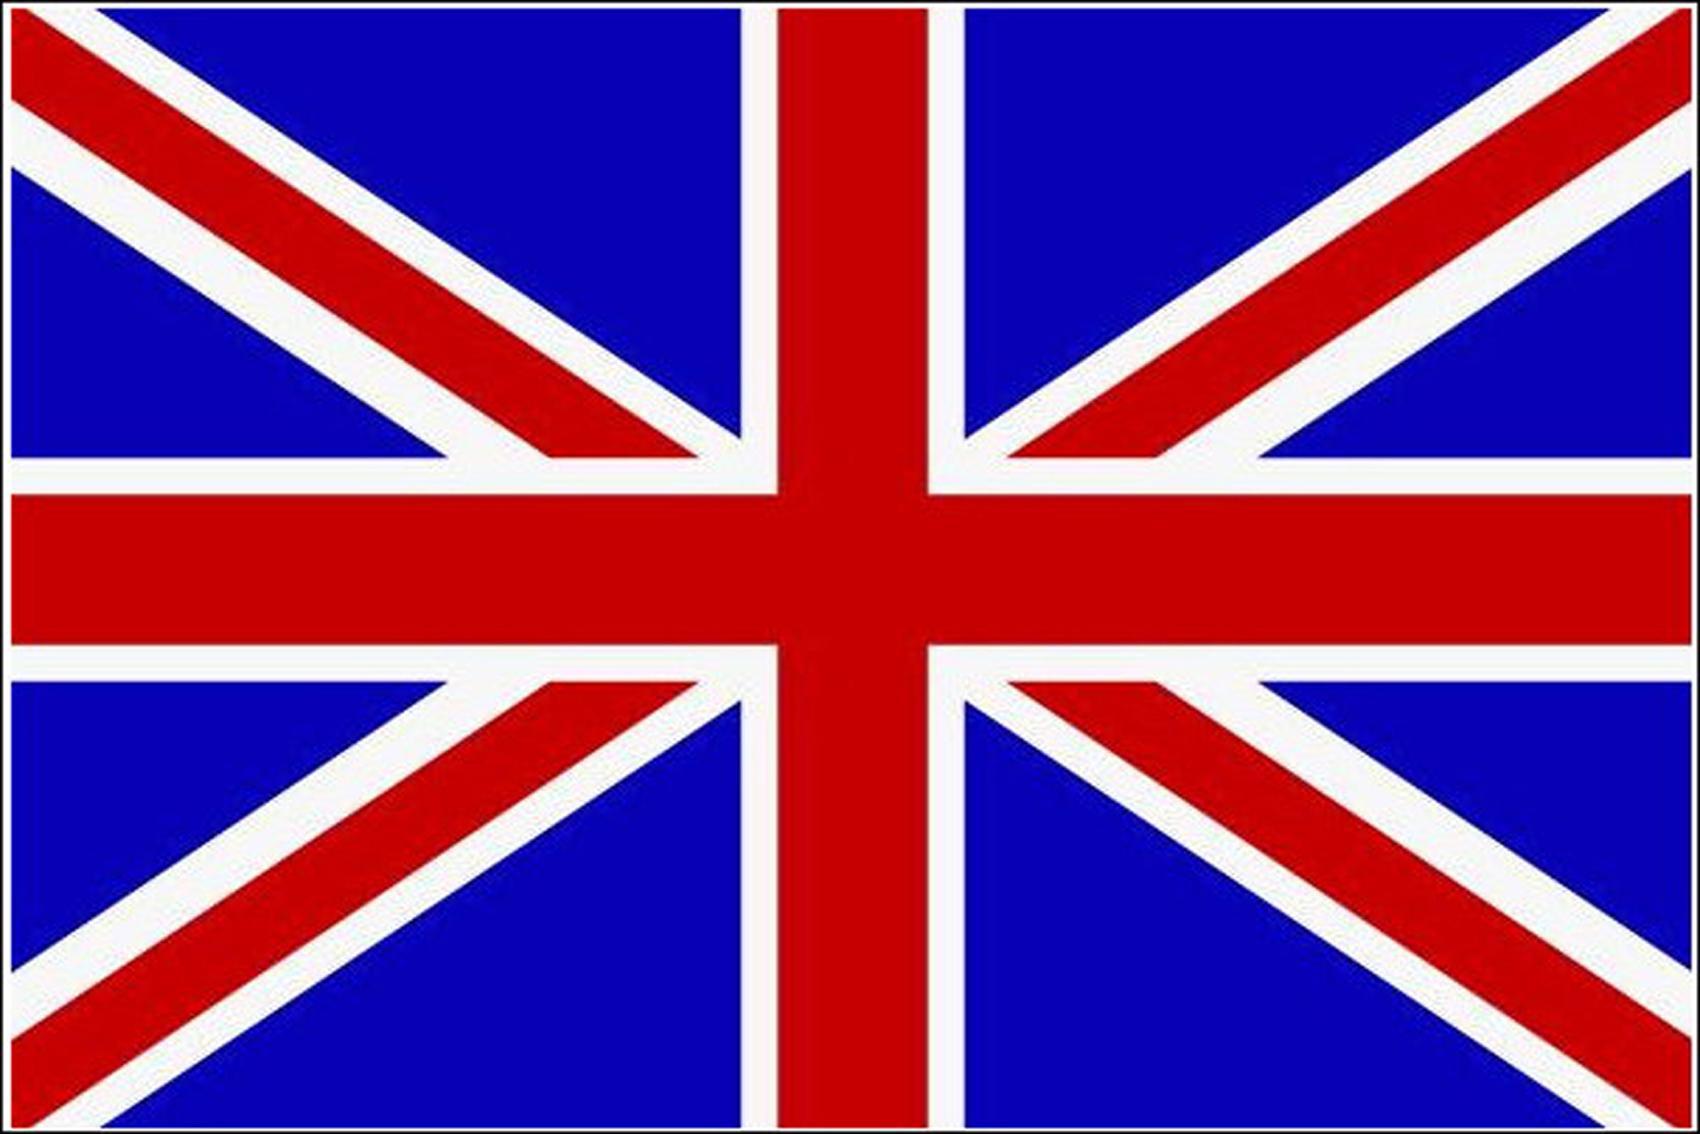 UK: FOBTs von £100 auf £2 max. Wetteinsatz beschnitten